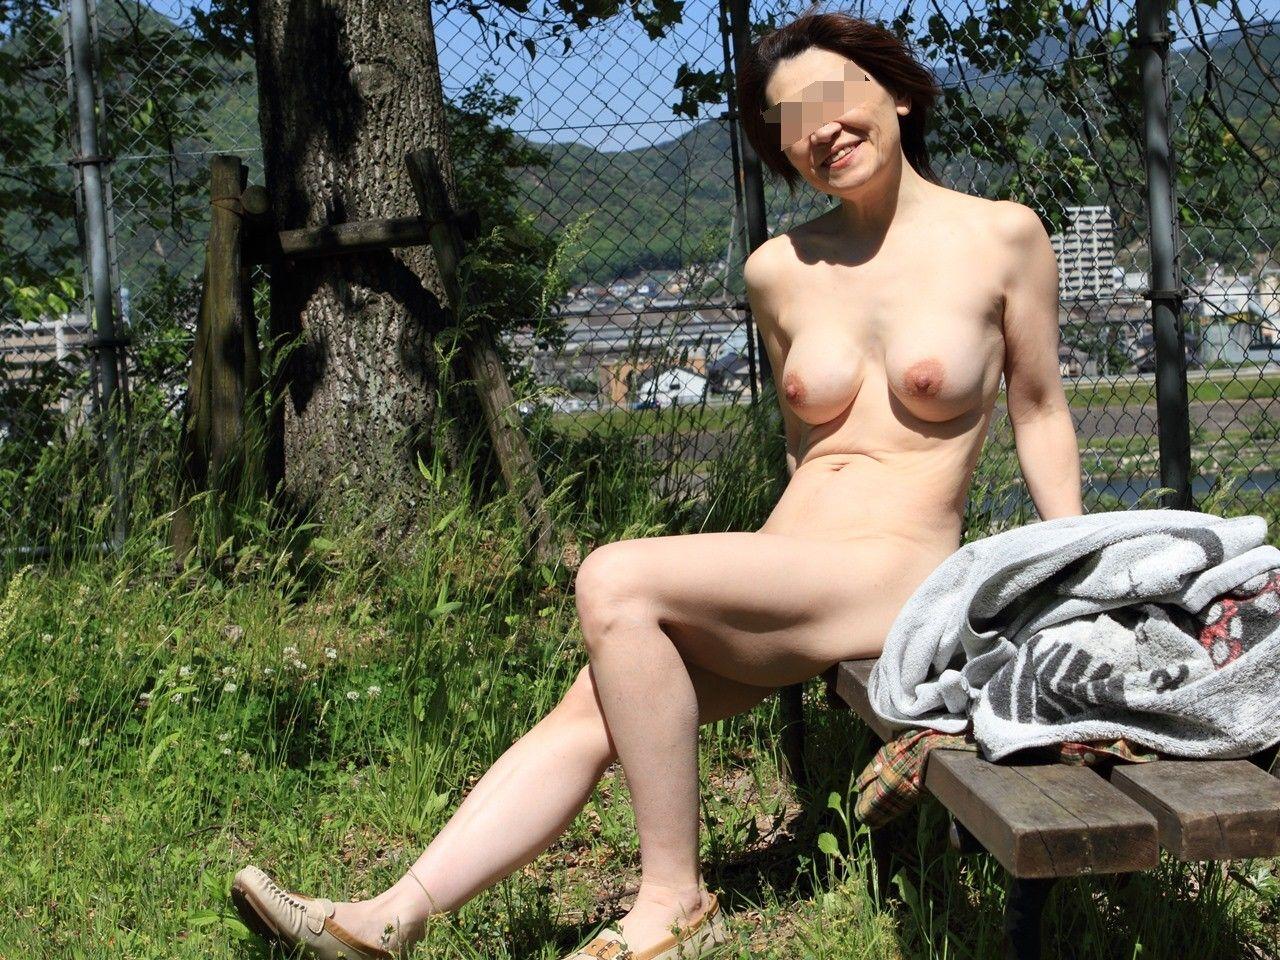 【野外露出エロ画像】強すぎる自己顕示欲が暴走…真っ昼間から野外で裸になる素人の野外露出画像